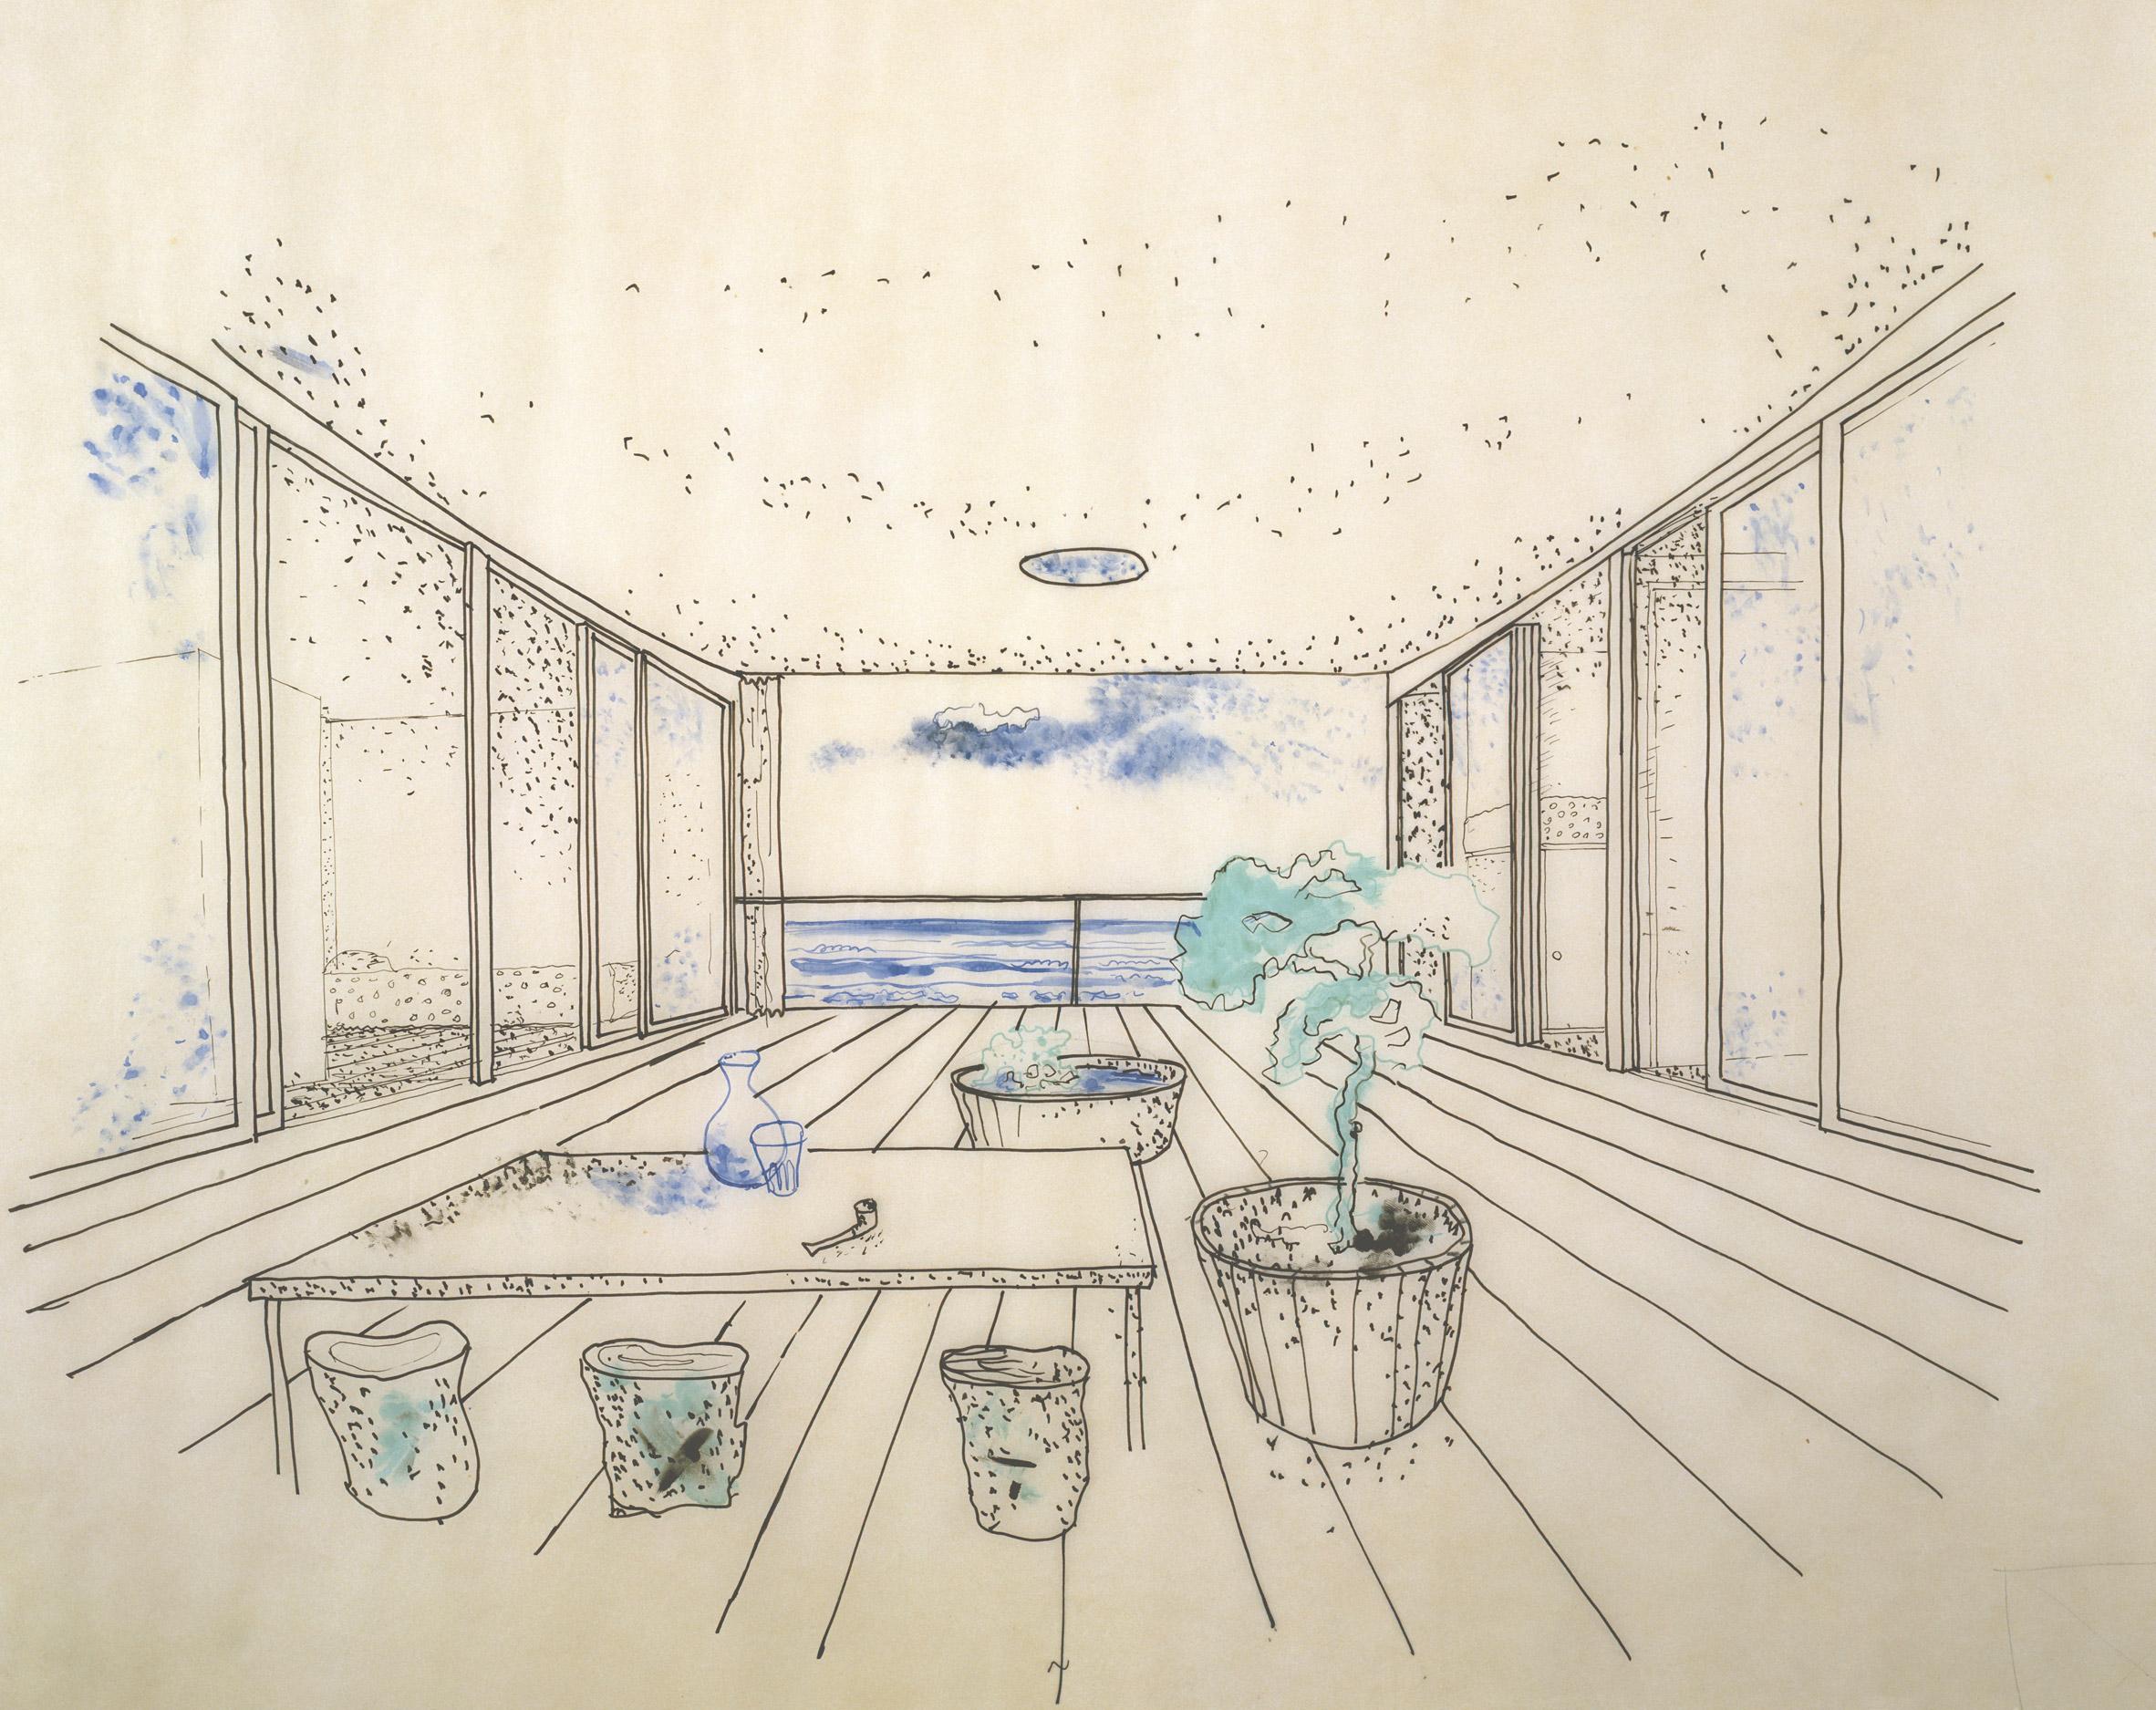 Charlotte Perriand's drawings of La Maison au bord de l'Eau